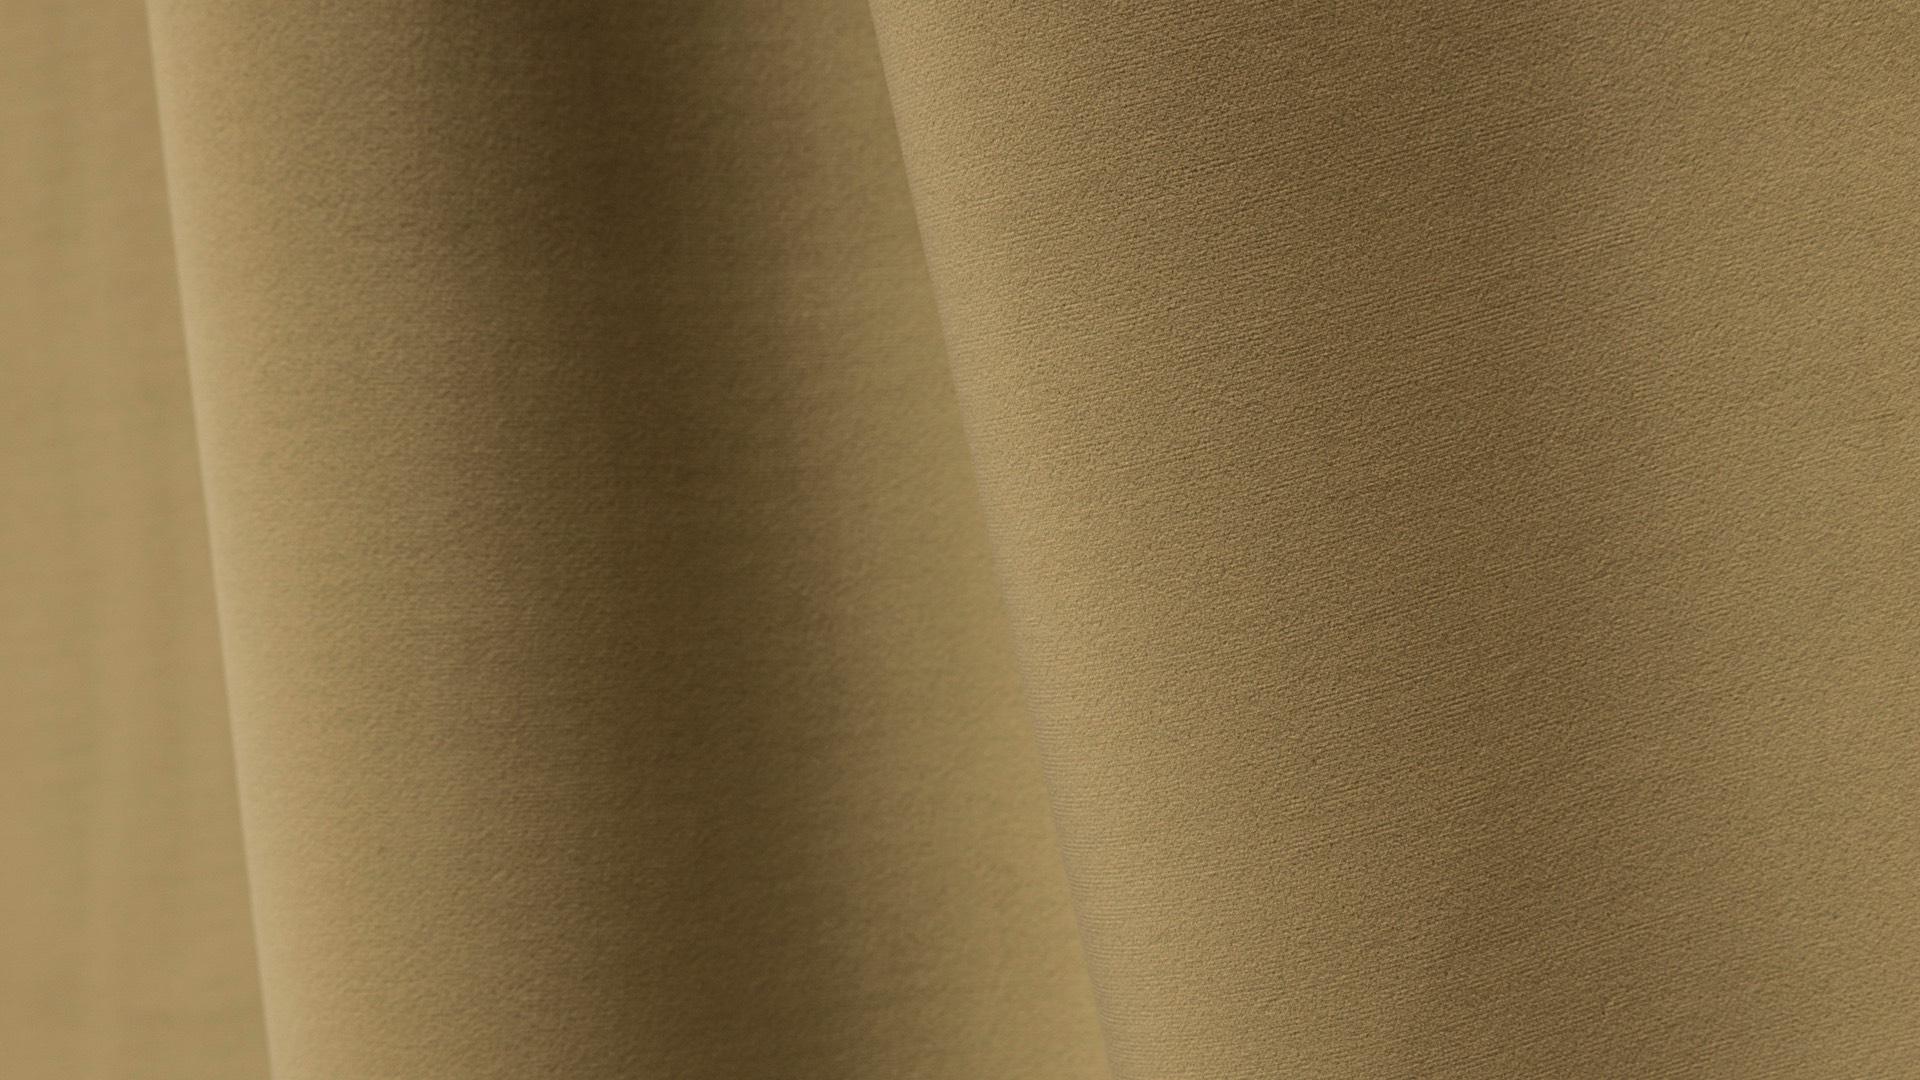 Échantillon de tissu velours craie